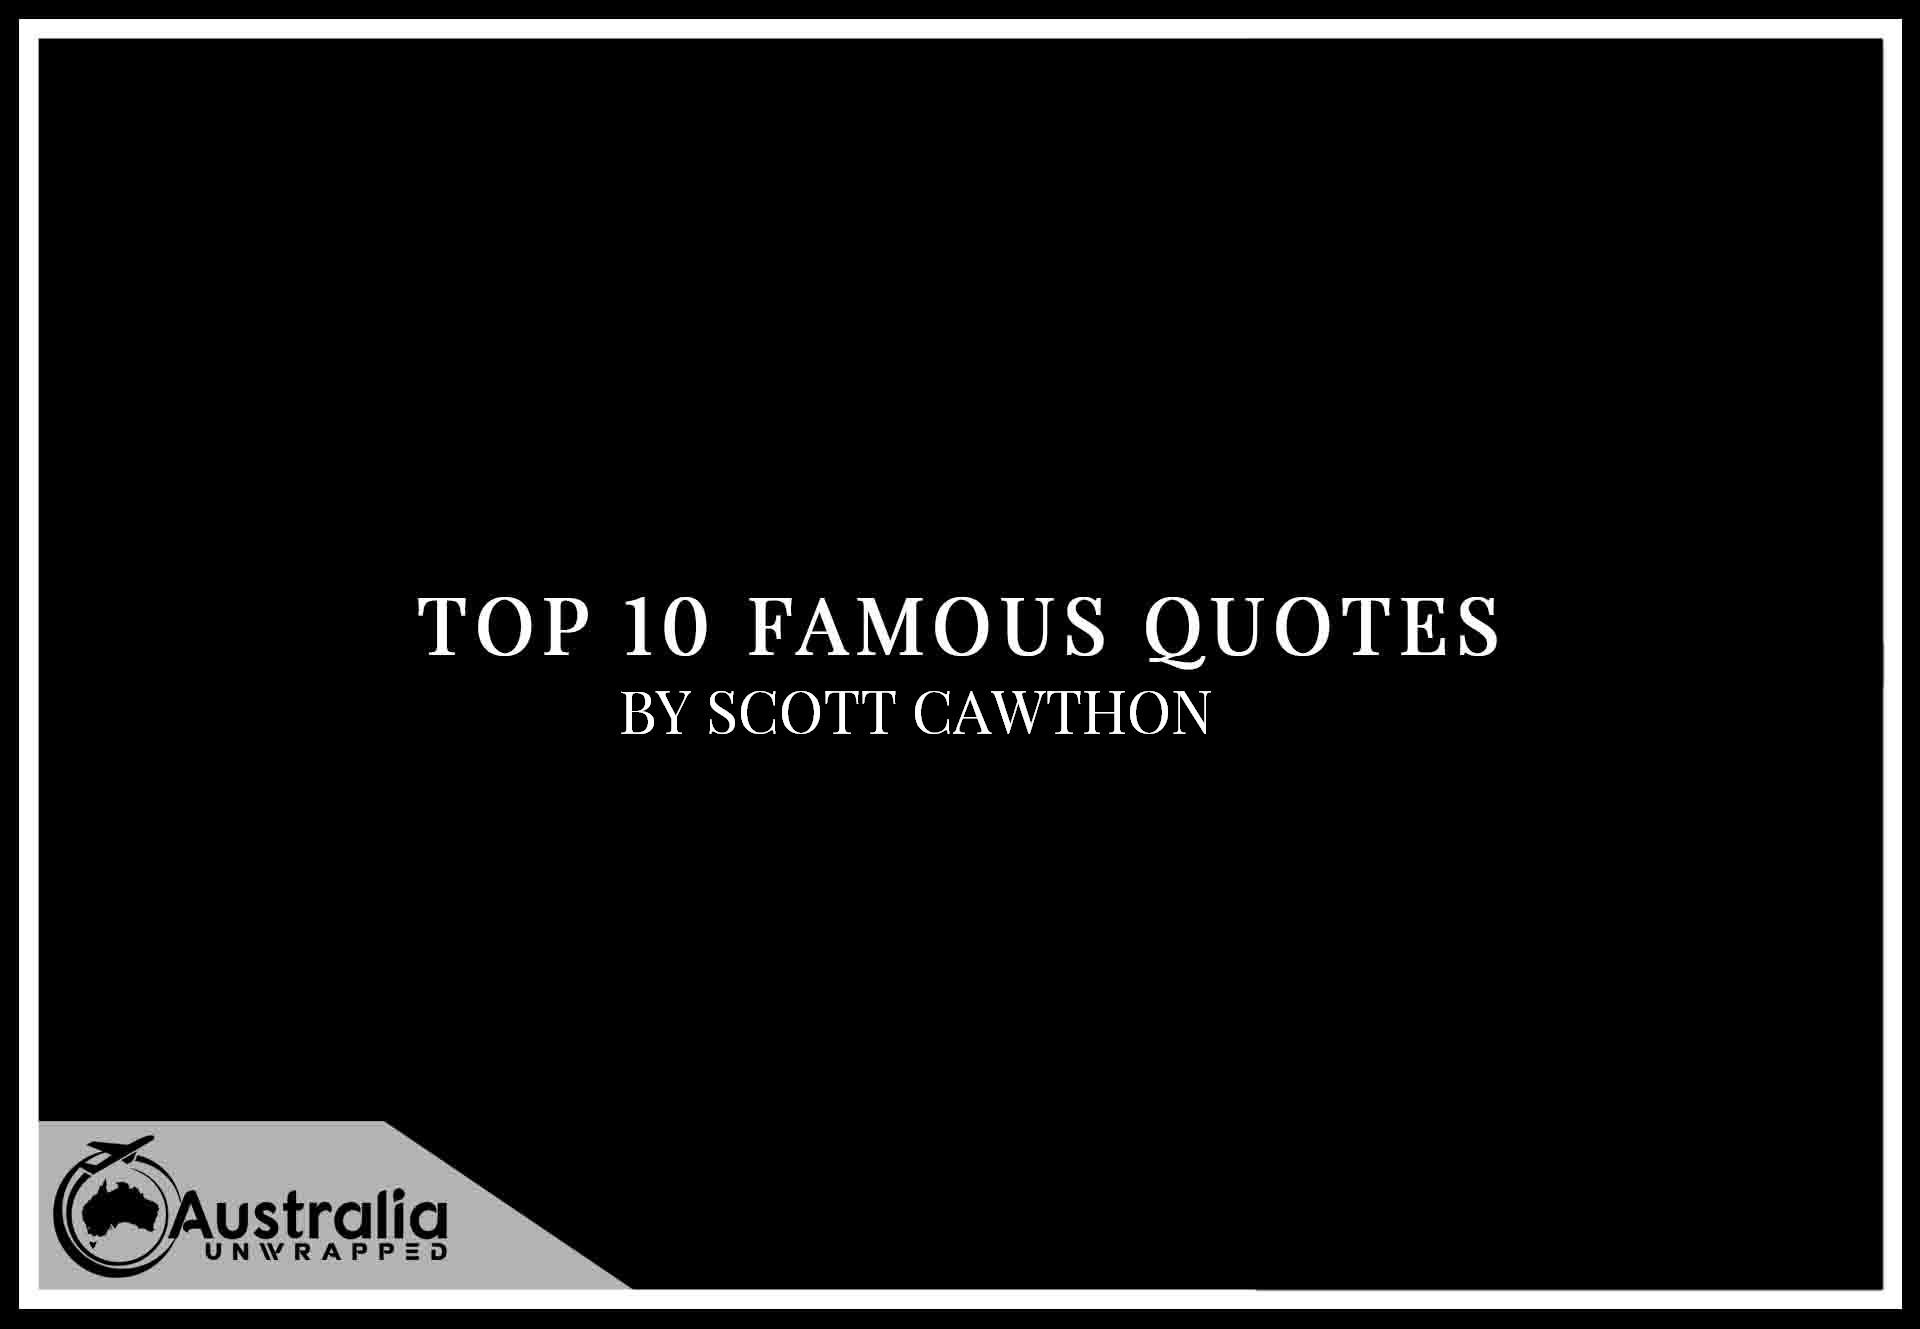 Top 10 Famous Quotes by Author Scott Cawthon